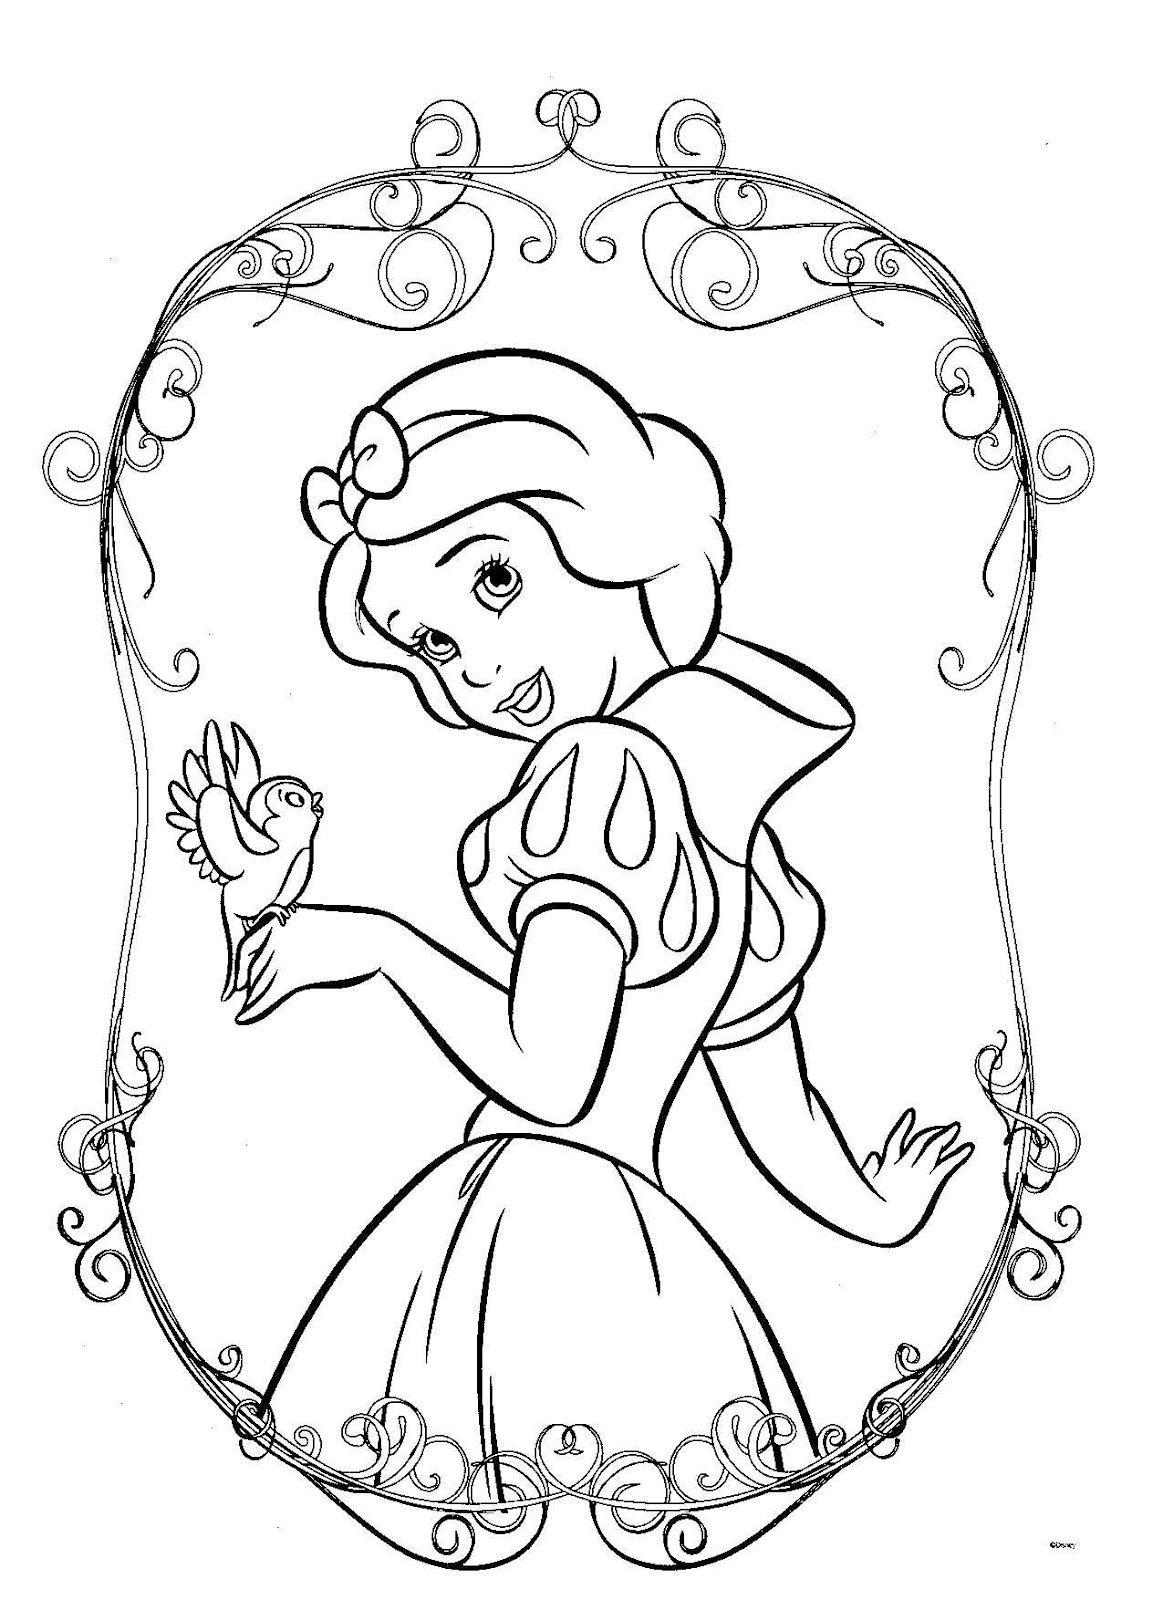 Dibujos Para Colorear De Princesas Disney  Antonio y Lucca